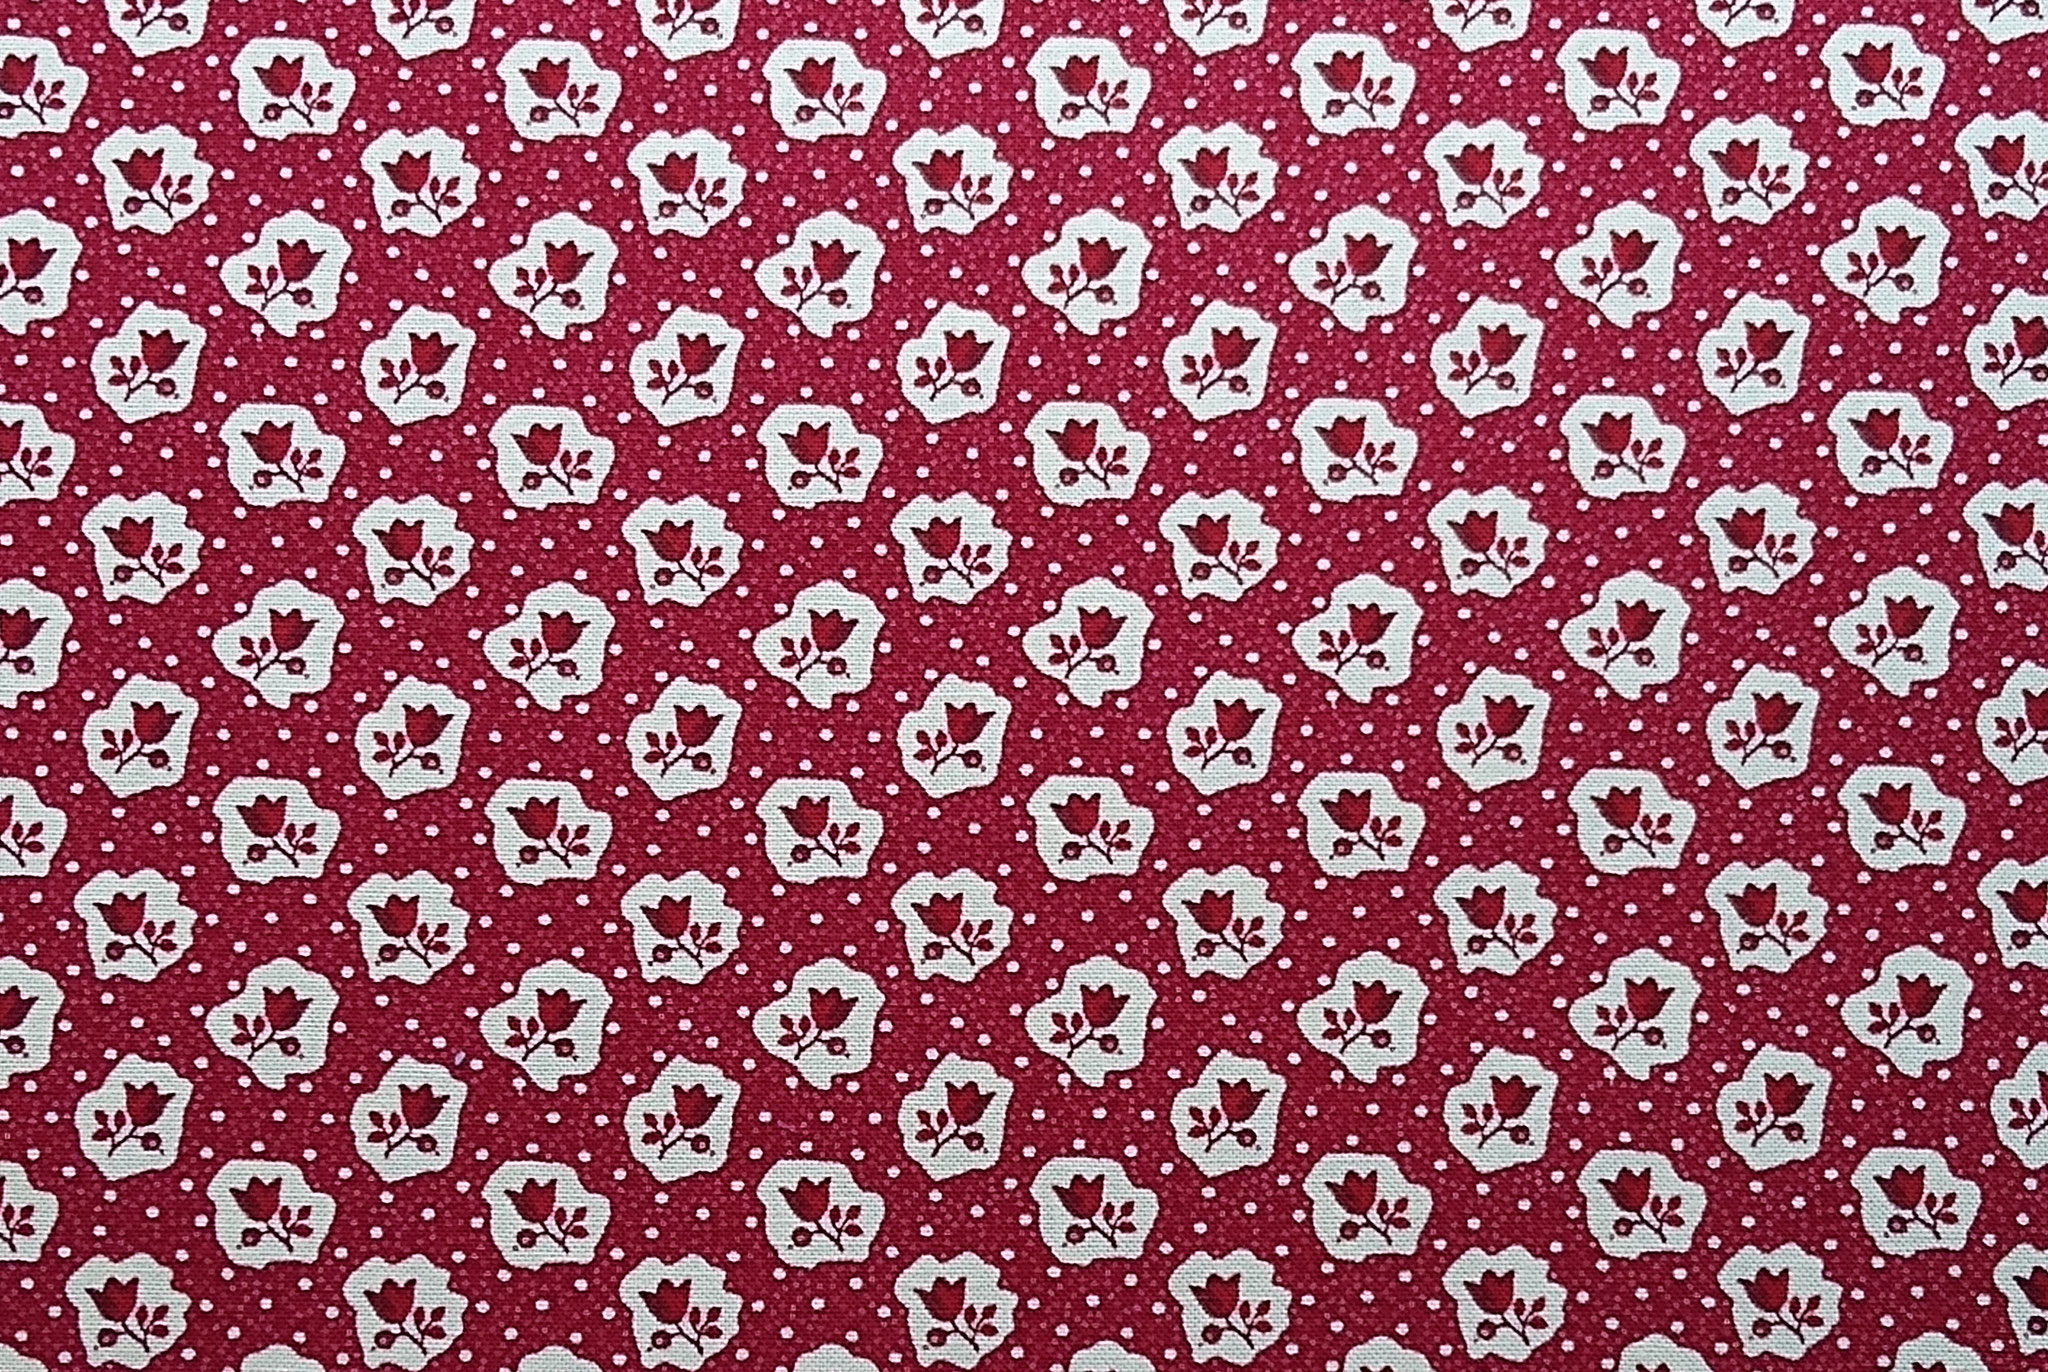 Baumwolle Blumen/ Trachtenblümchen, 110cm breit, 0.5m 10.50€